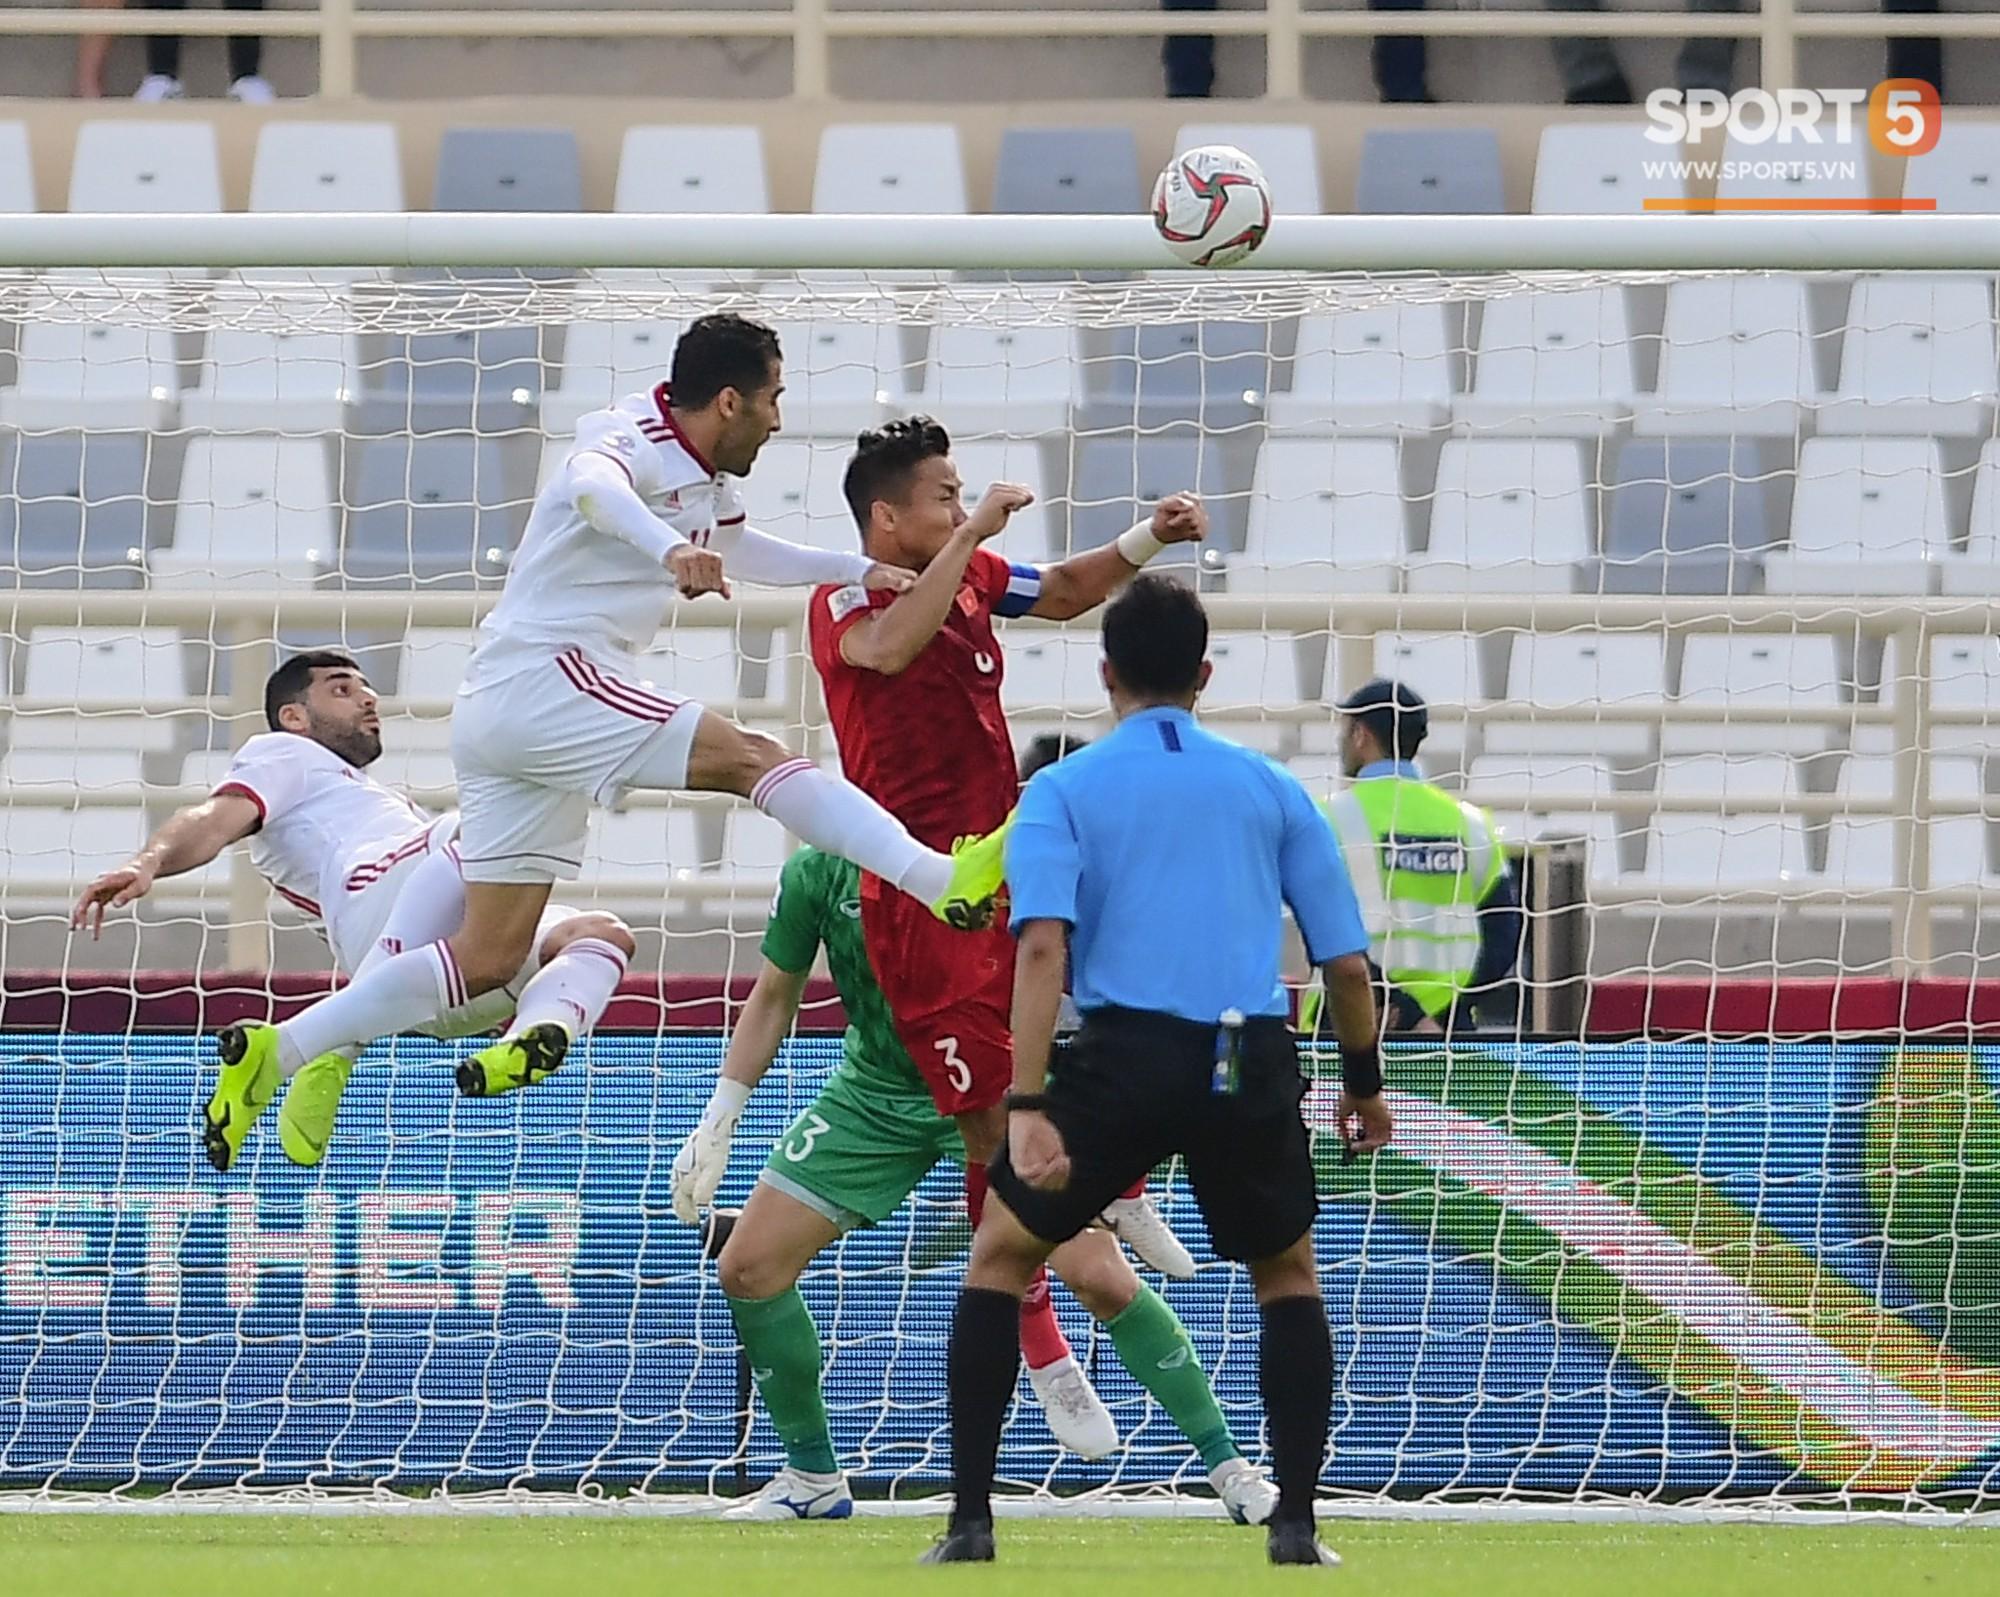 Thua Iran nhưng tinh thần quả cảm của các chàng trai Việt Nam đã đánh cắp trái tim fan quốc tế - Ảnh 1.